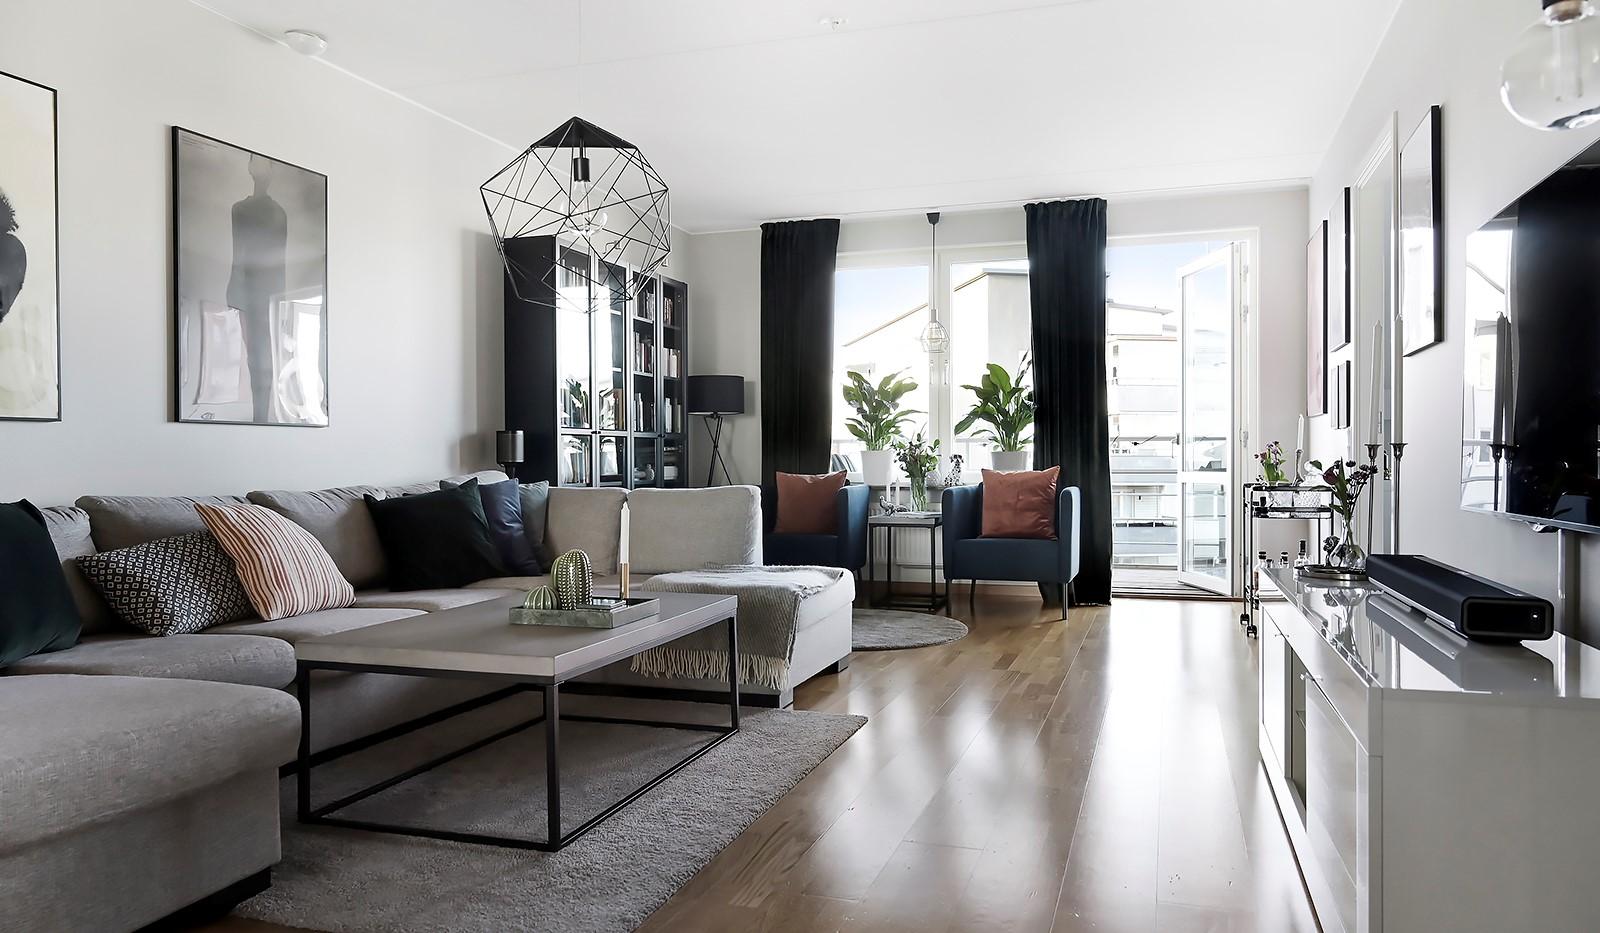 Hildebergsvägen 18, 4 tr - Vardagsrum med plats för stor soffa och tv-möbel